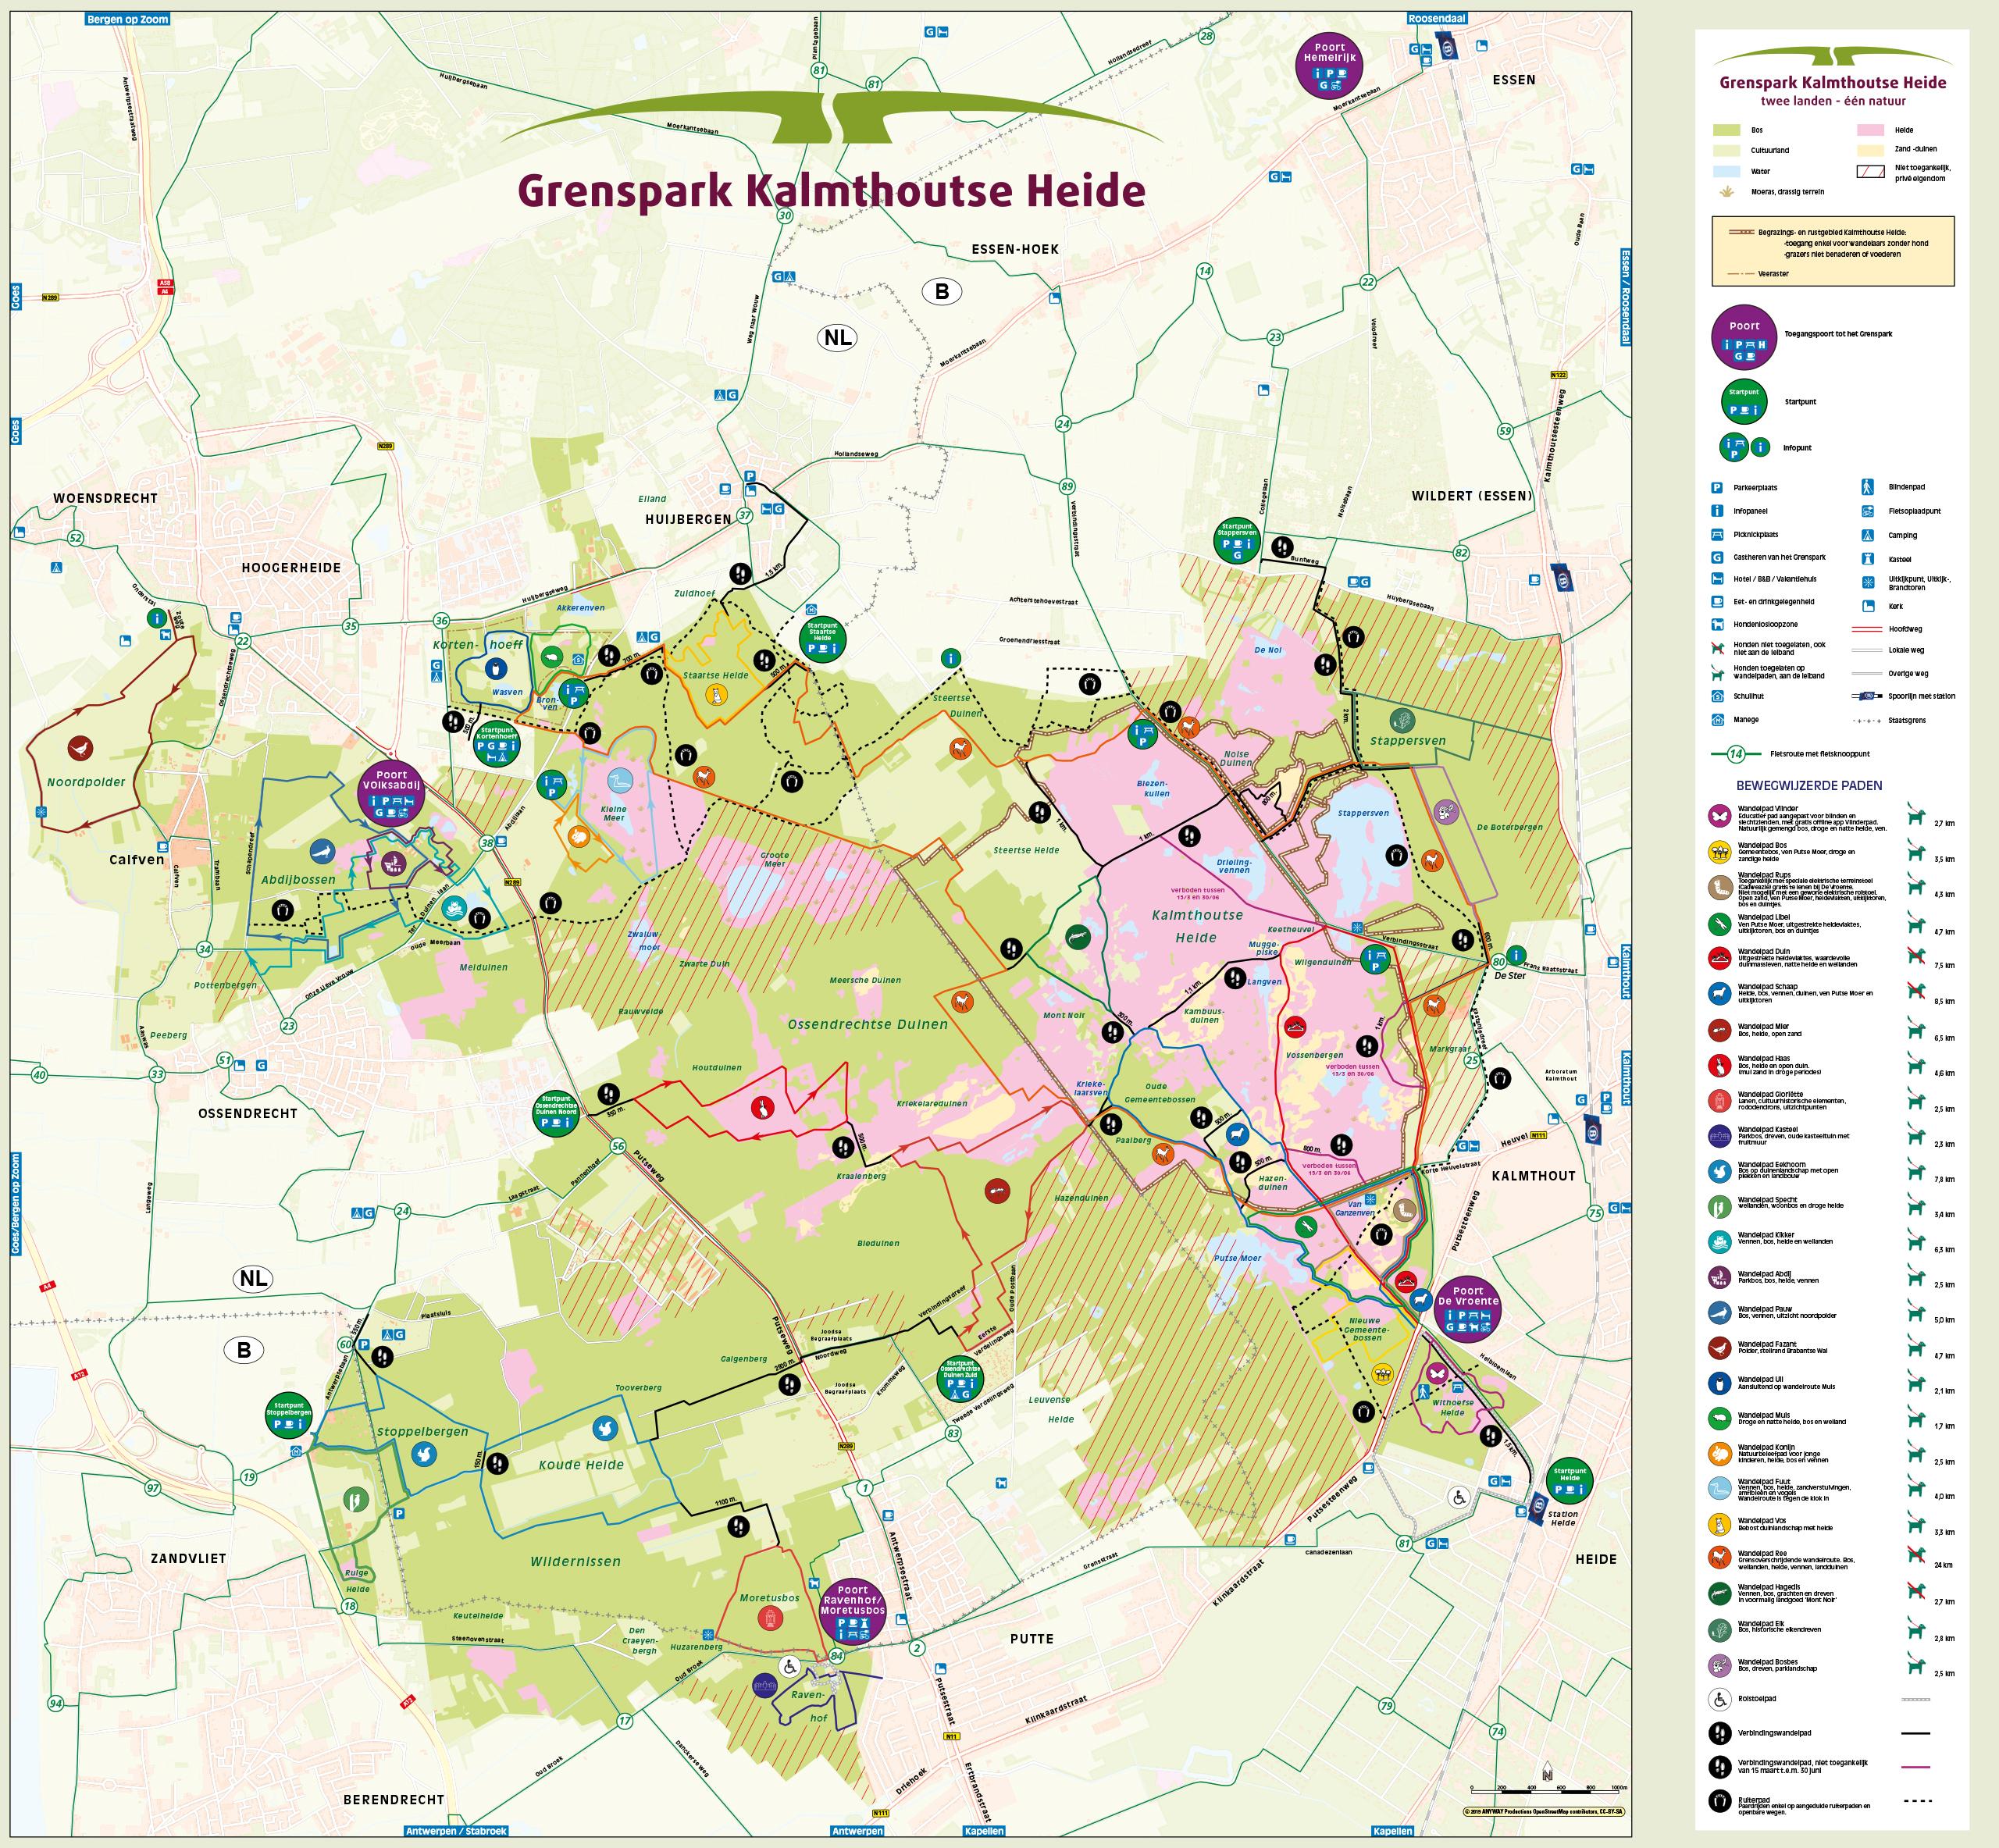 Wandelroutes - Grenspark Kalmthoutse Heide